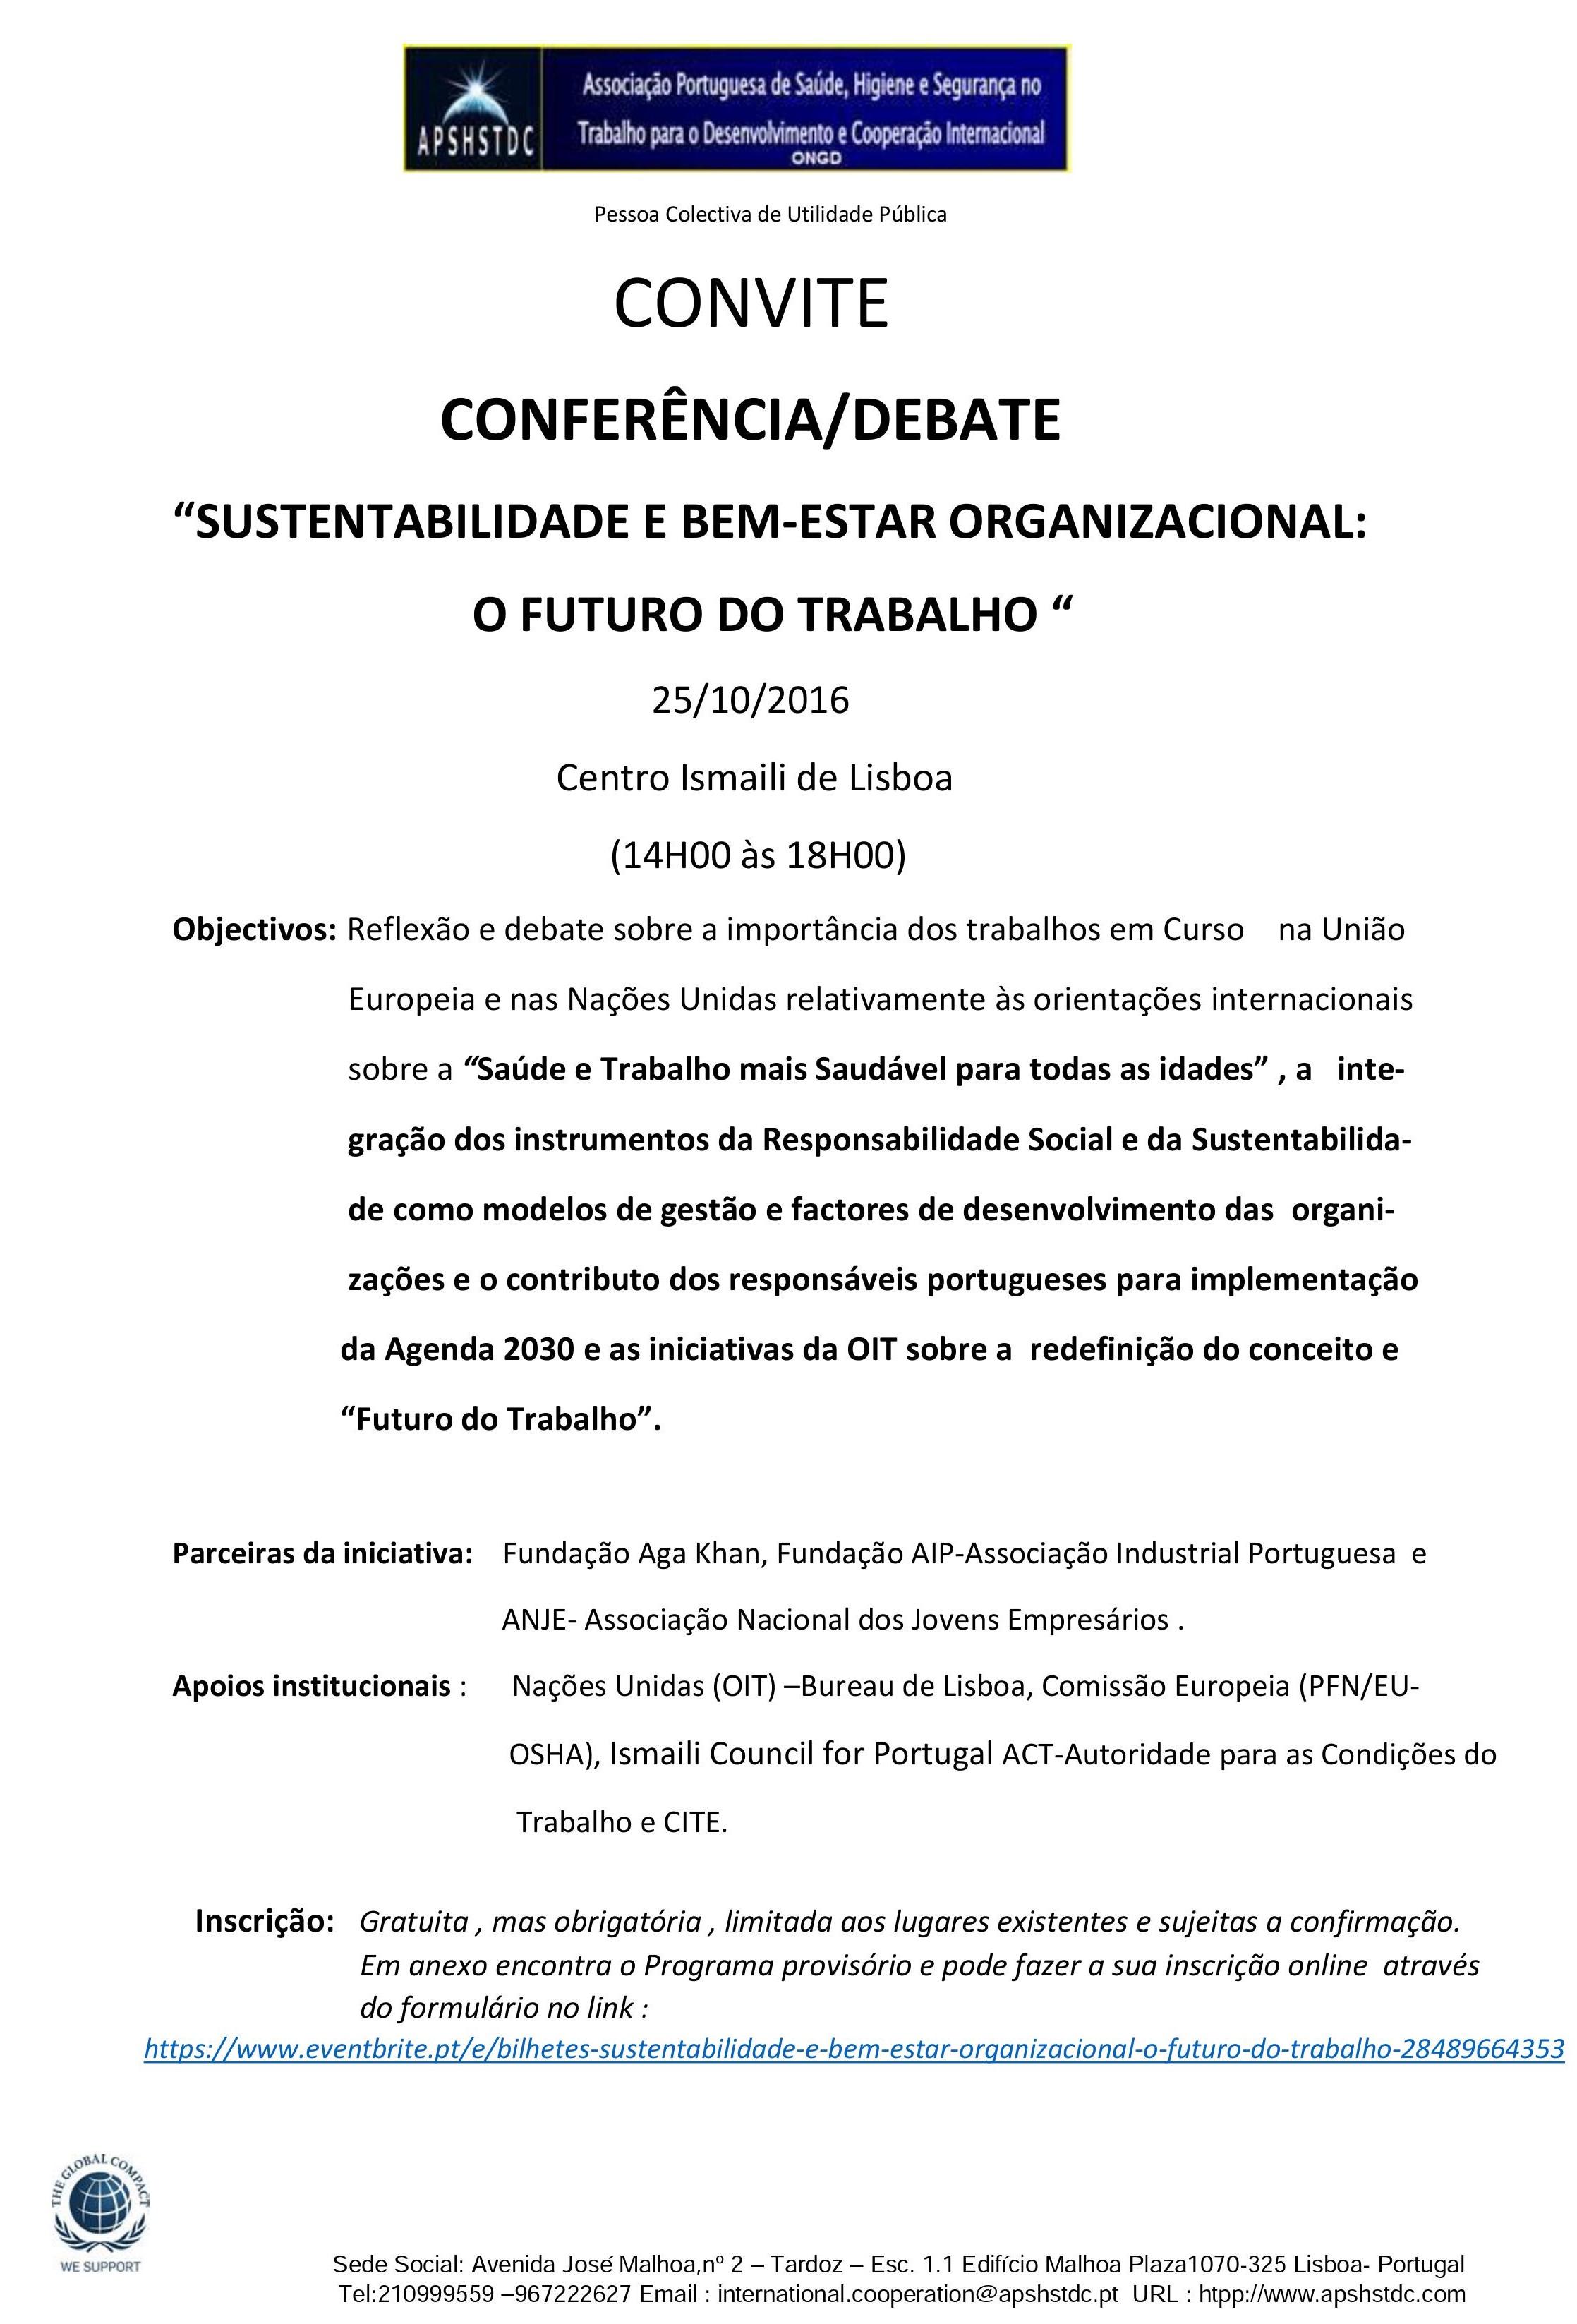 OBJECTIVOS - CONFERÊNCIA /DEBATE